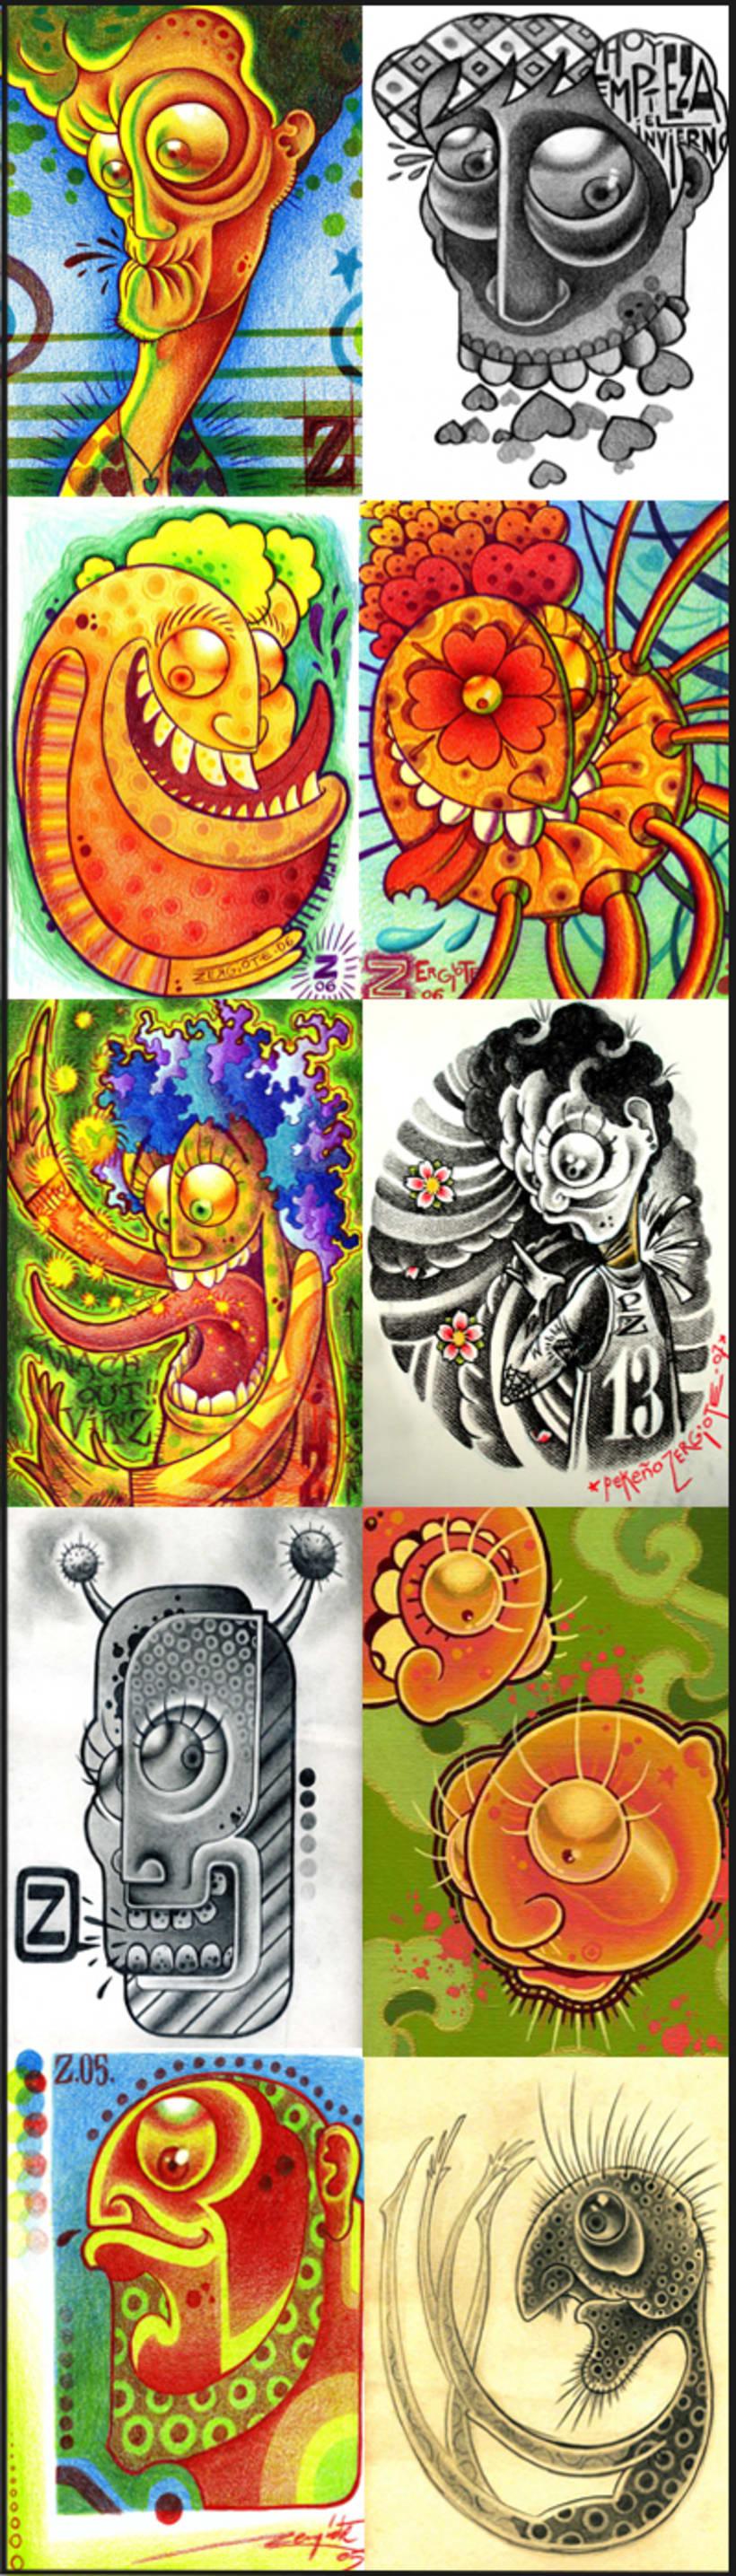 MONIGOTES, 2005-2006, lapices de colores. 0